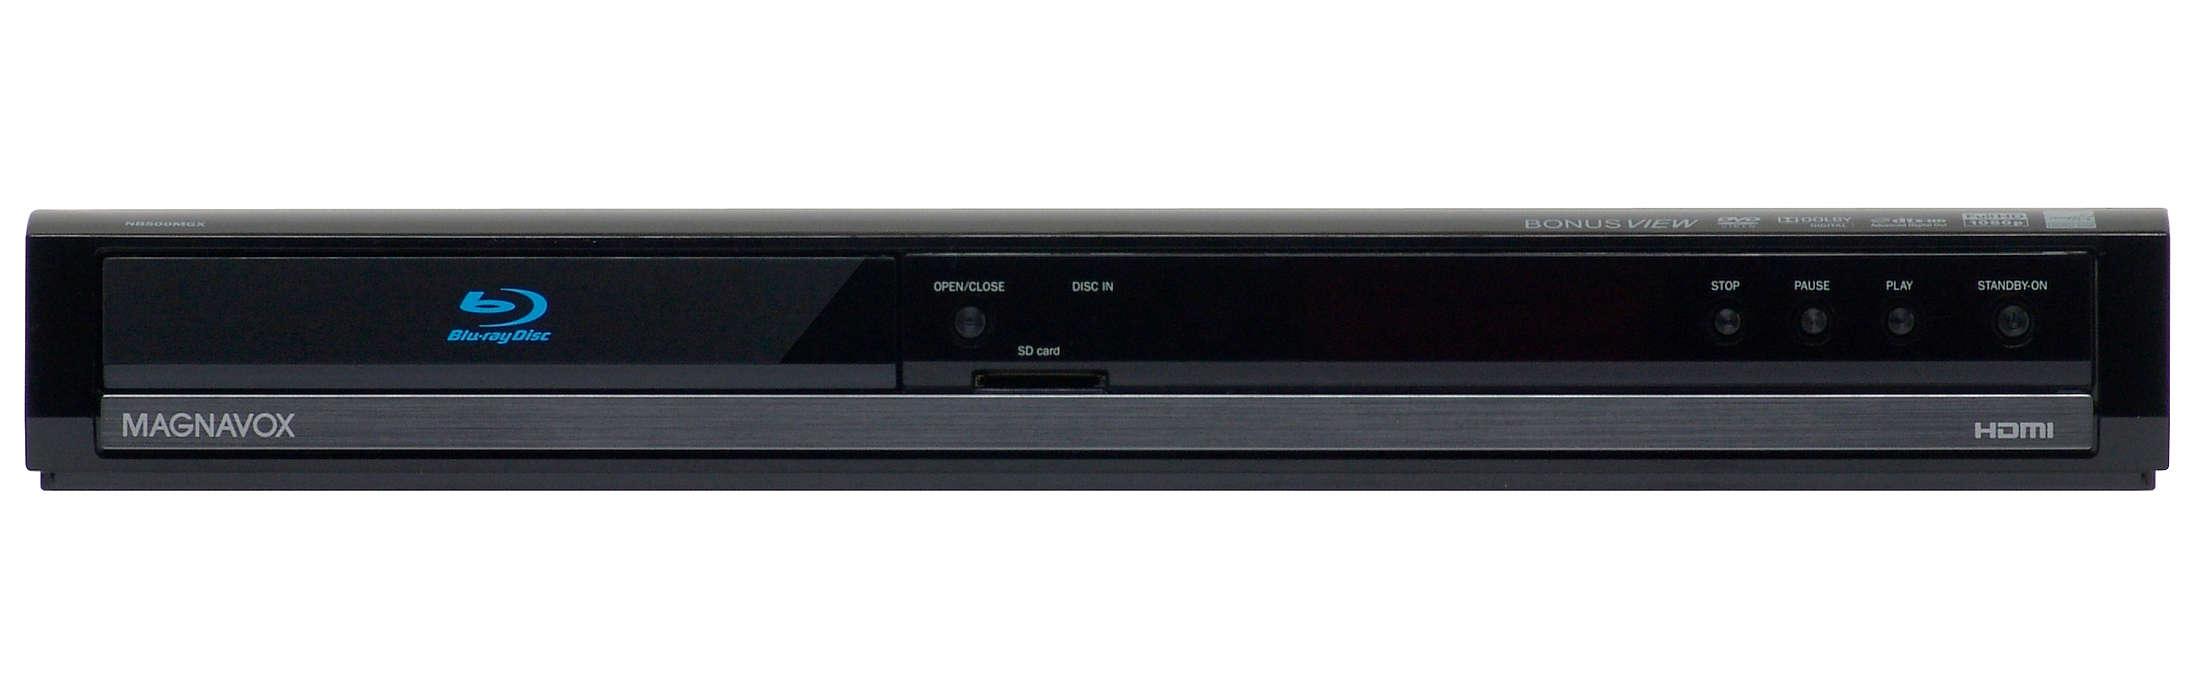 Lecture de disques Blu-ray pour le contenu vidéo haute définition